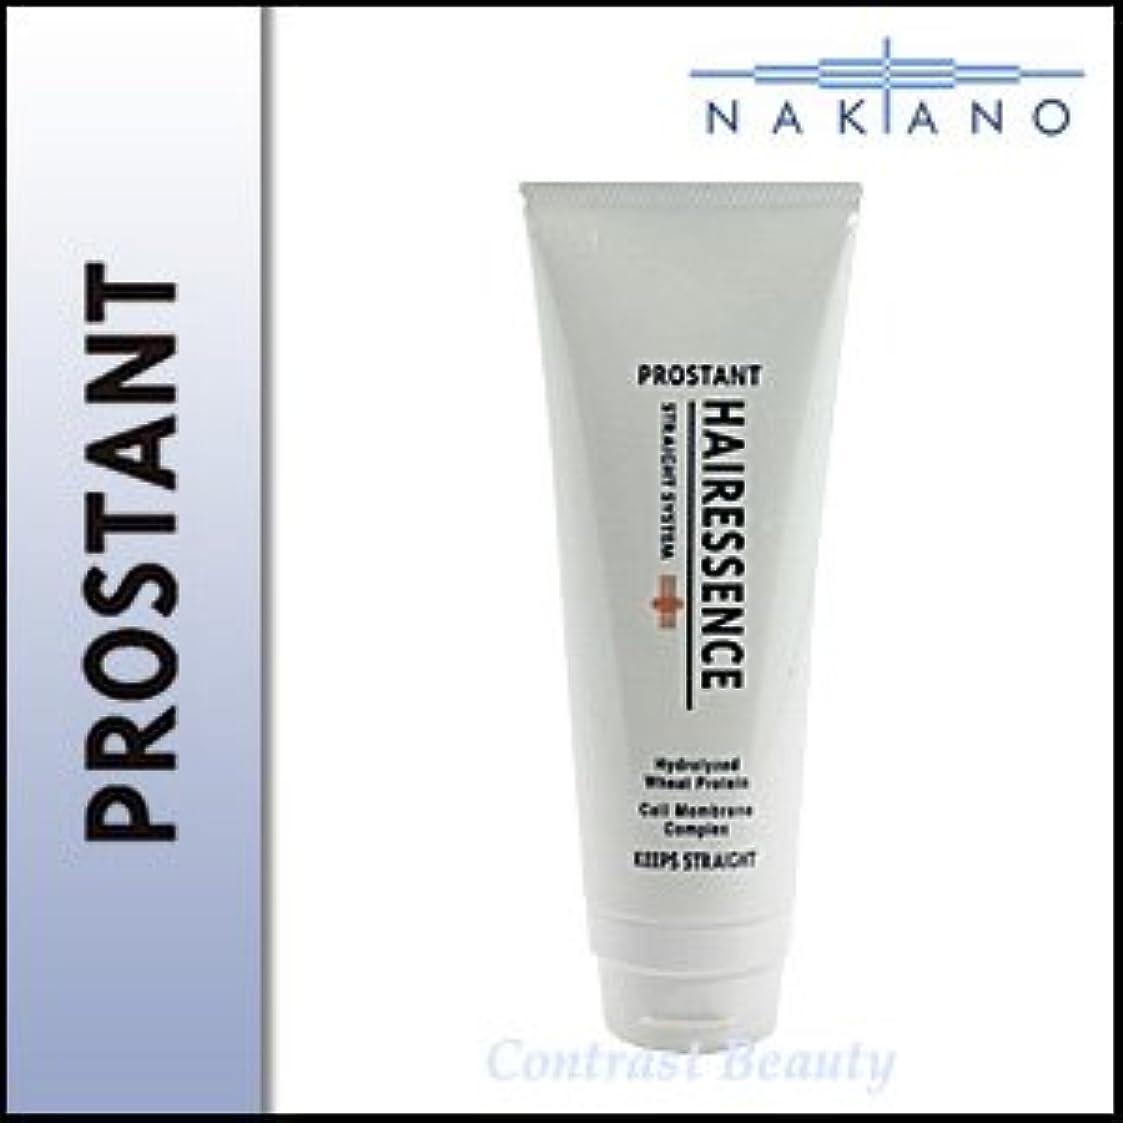 【X3個セット】 ナカノ プロスタント ヘアエッセンス 100g エッセンス(洗い流さないヘアトリートメント) 【ヘアケア Hair care 中野製薬株式会社 NAKANO】